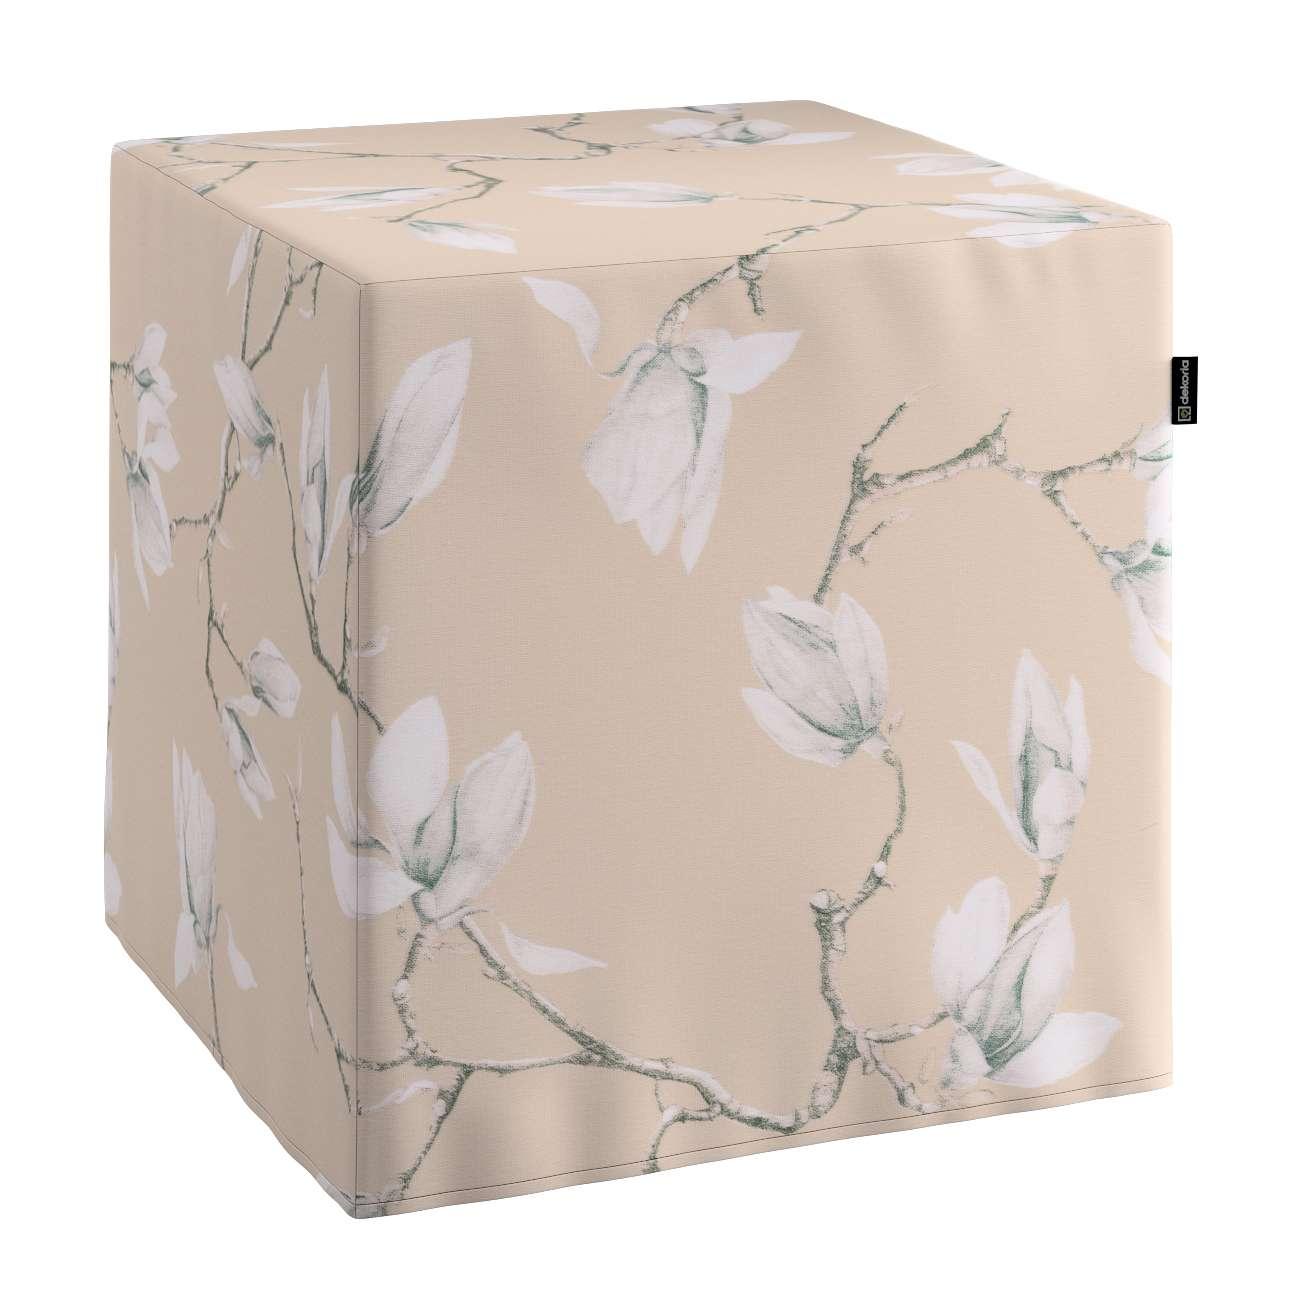 Pokrowiec na pufę kostke kostka 40x40x40 cm w kolekcji Flowers, tkanina: 311-12